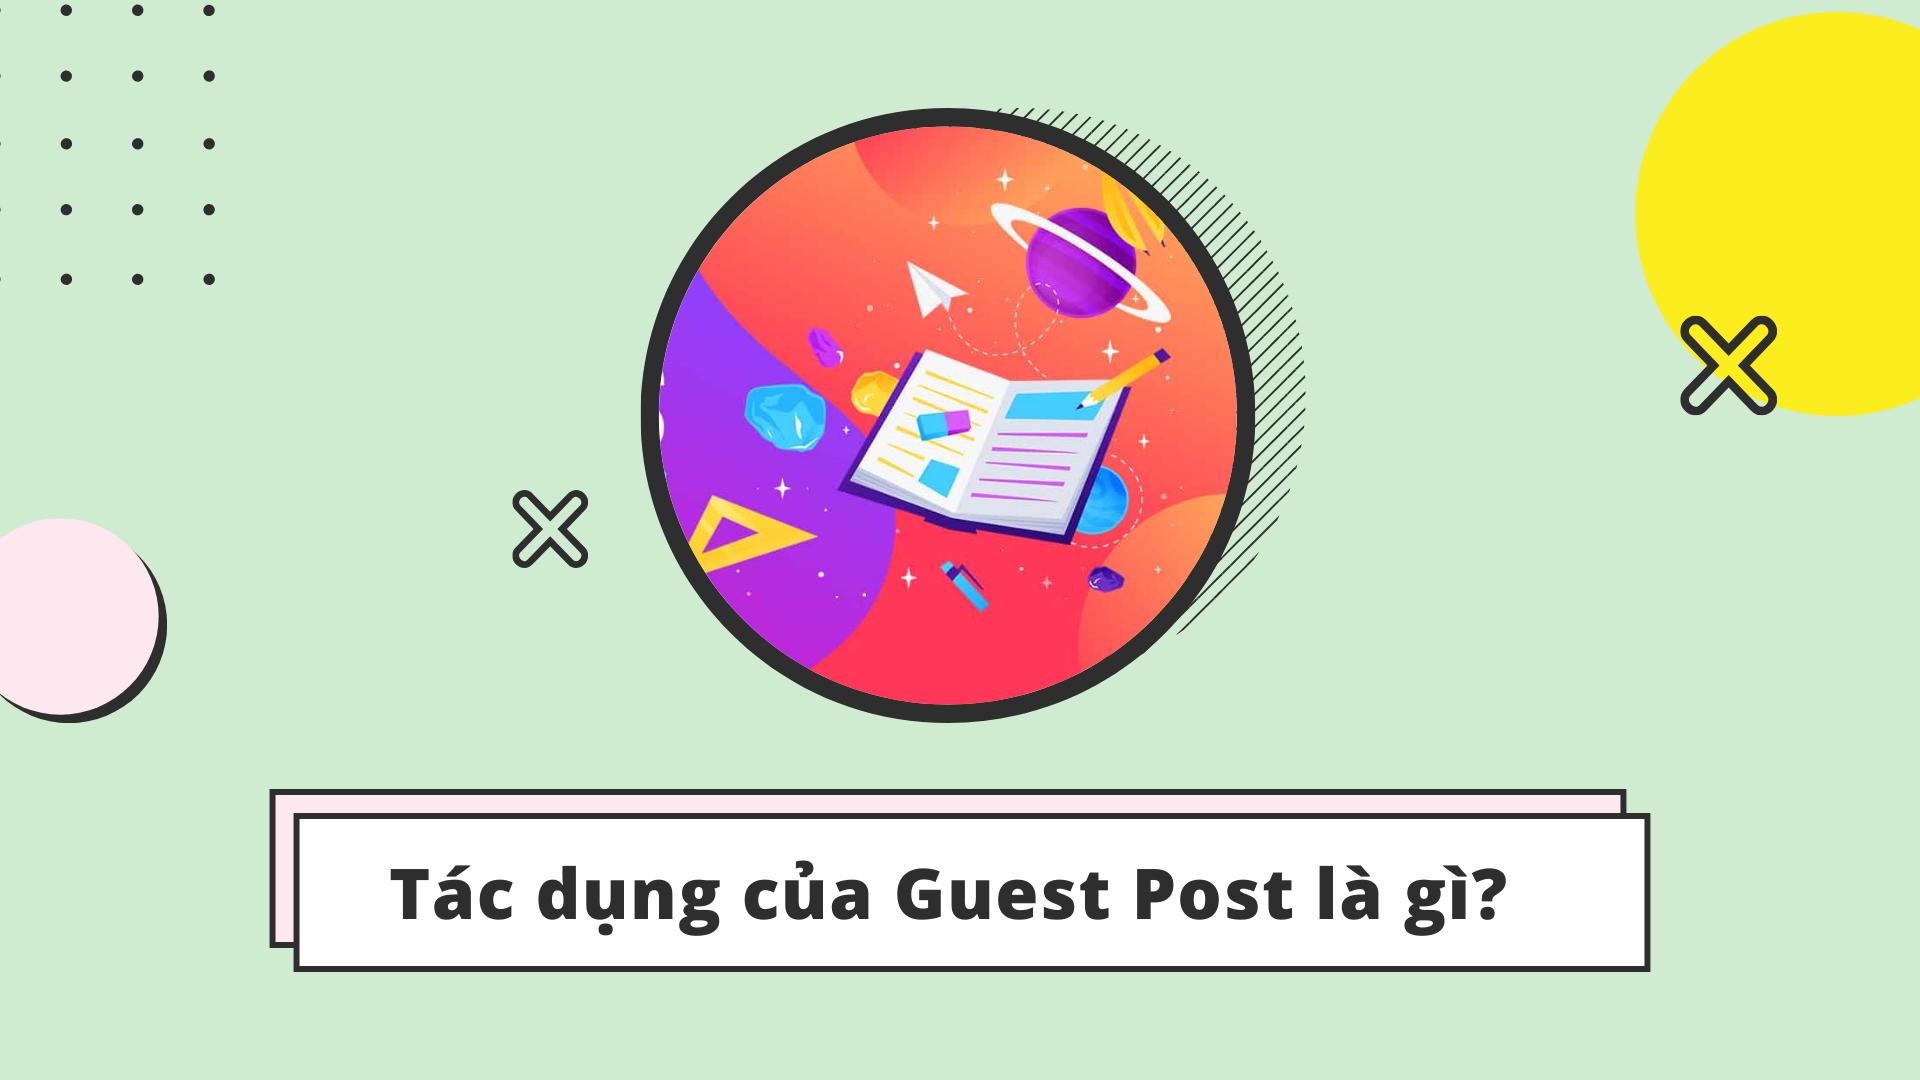 Tác dụng của Guest Post là gì?